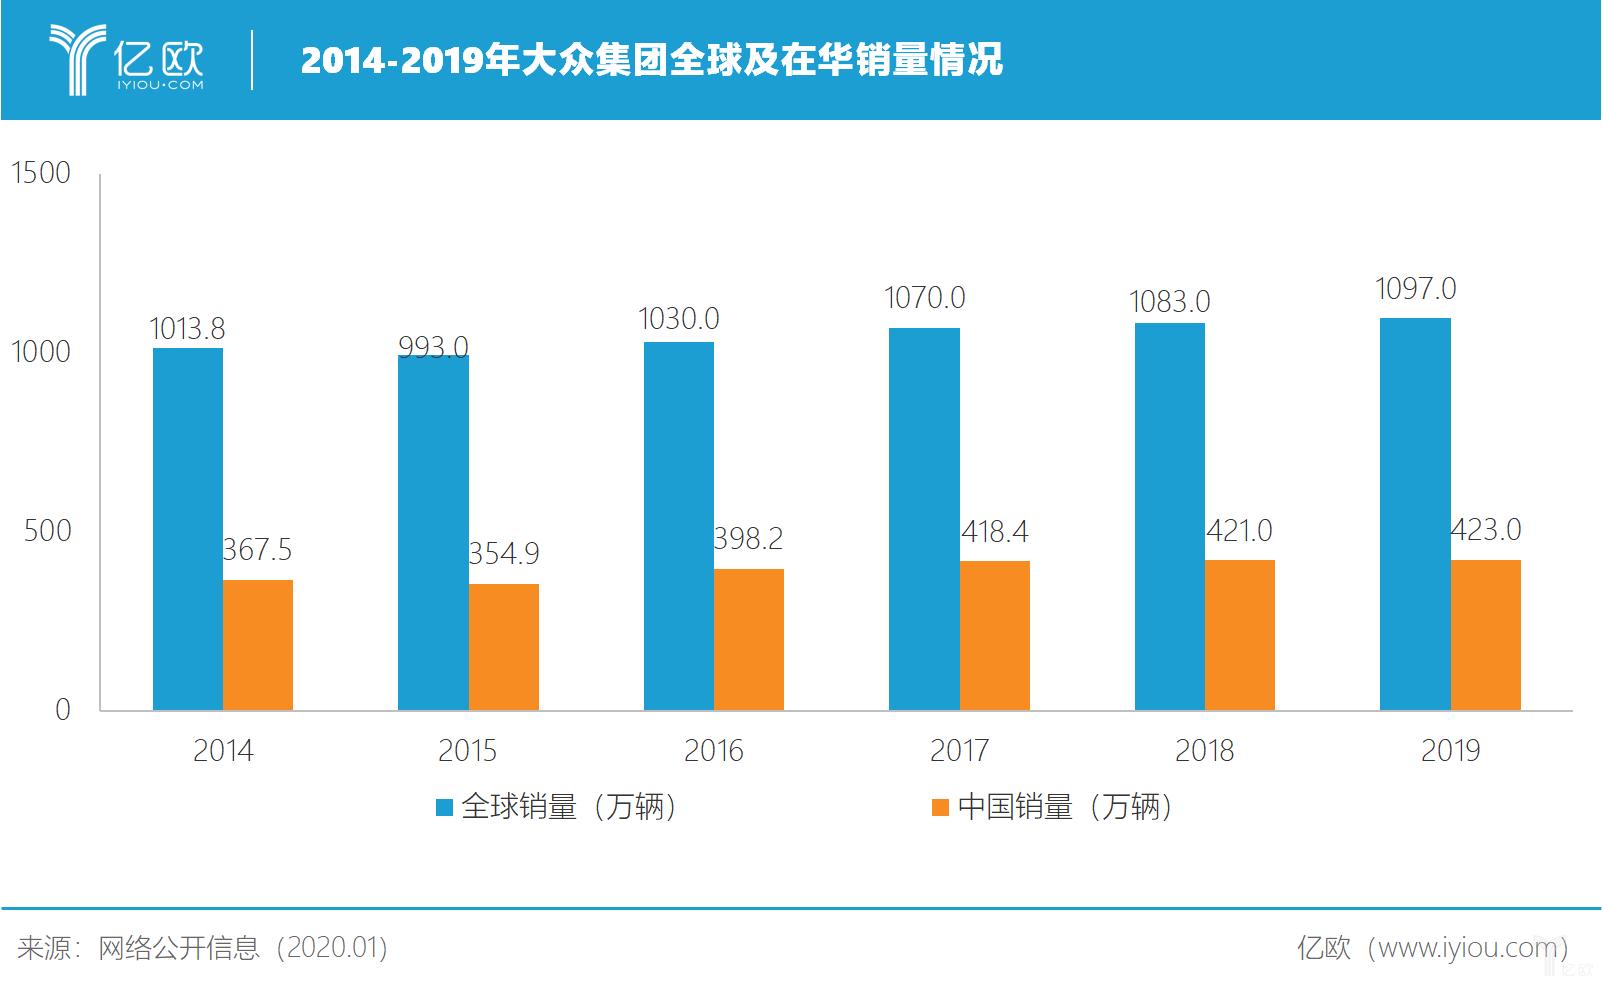 2014-2019年大众集团全球及在华销量情况